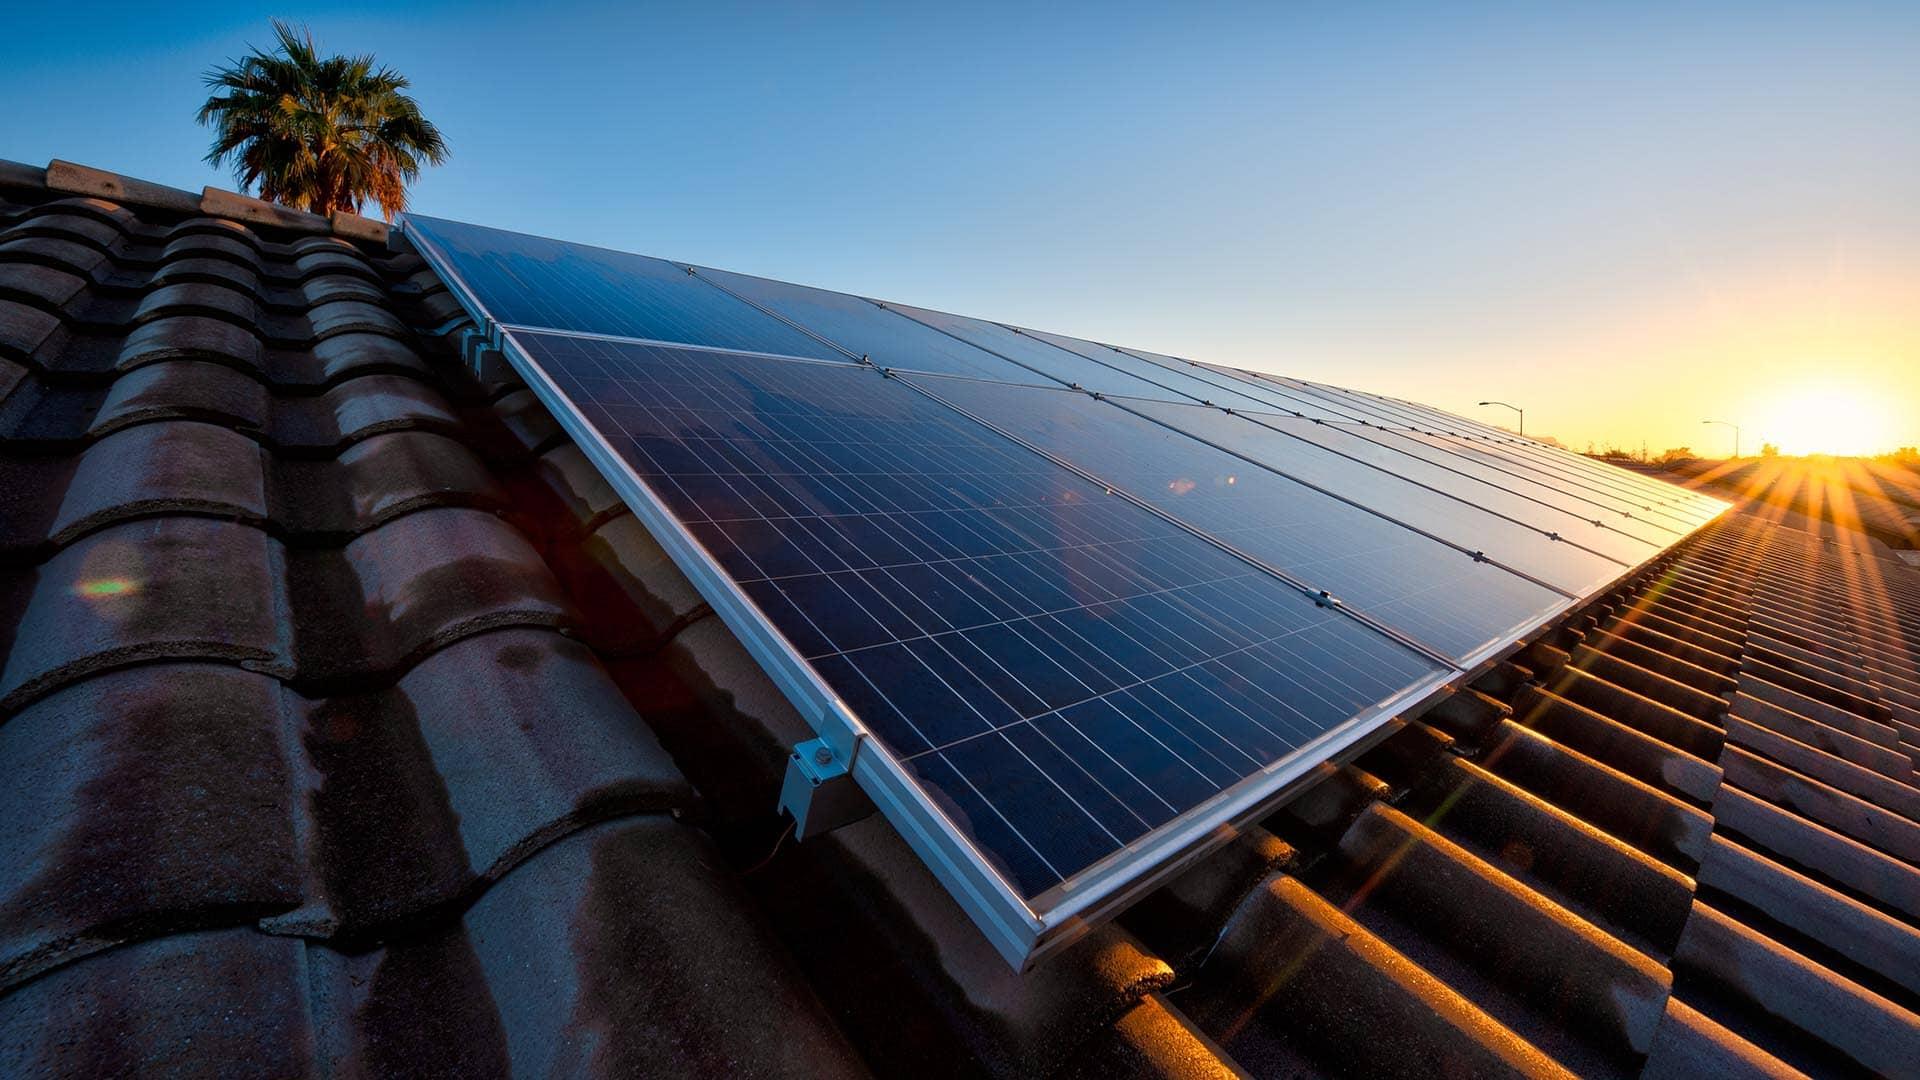 energía solar fotovoltaica y térmica